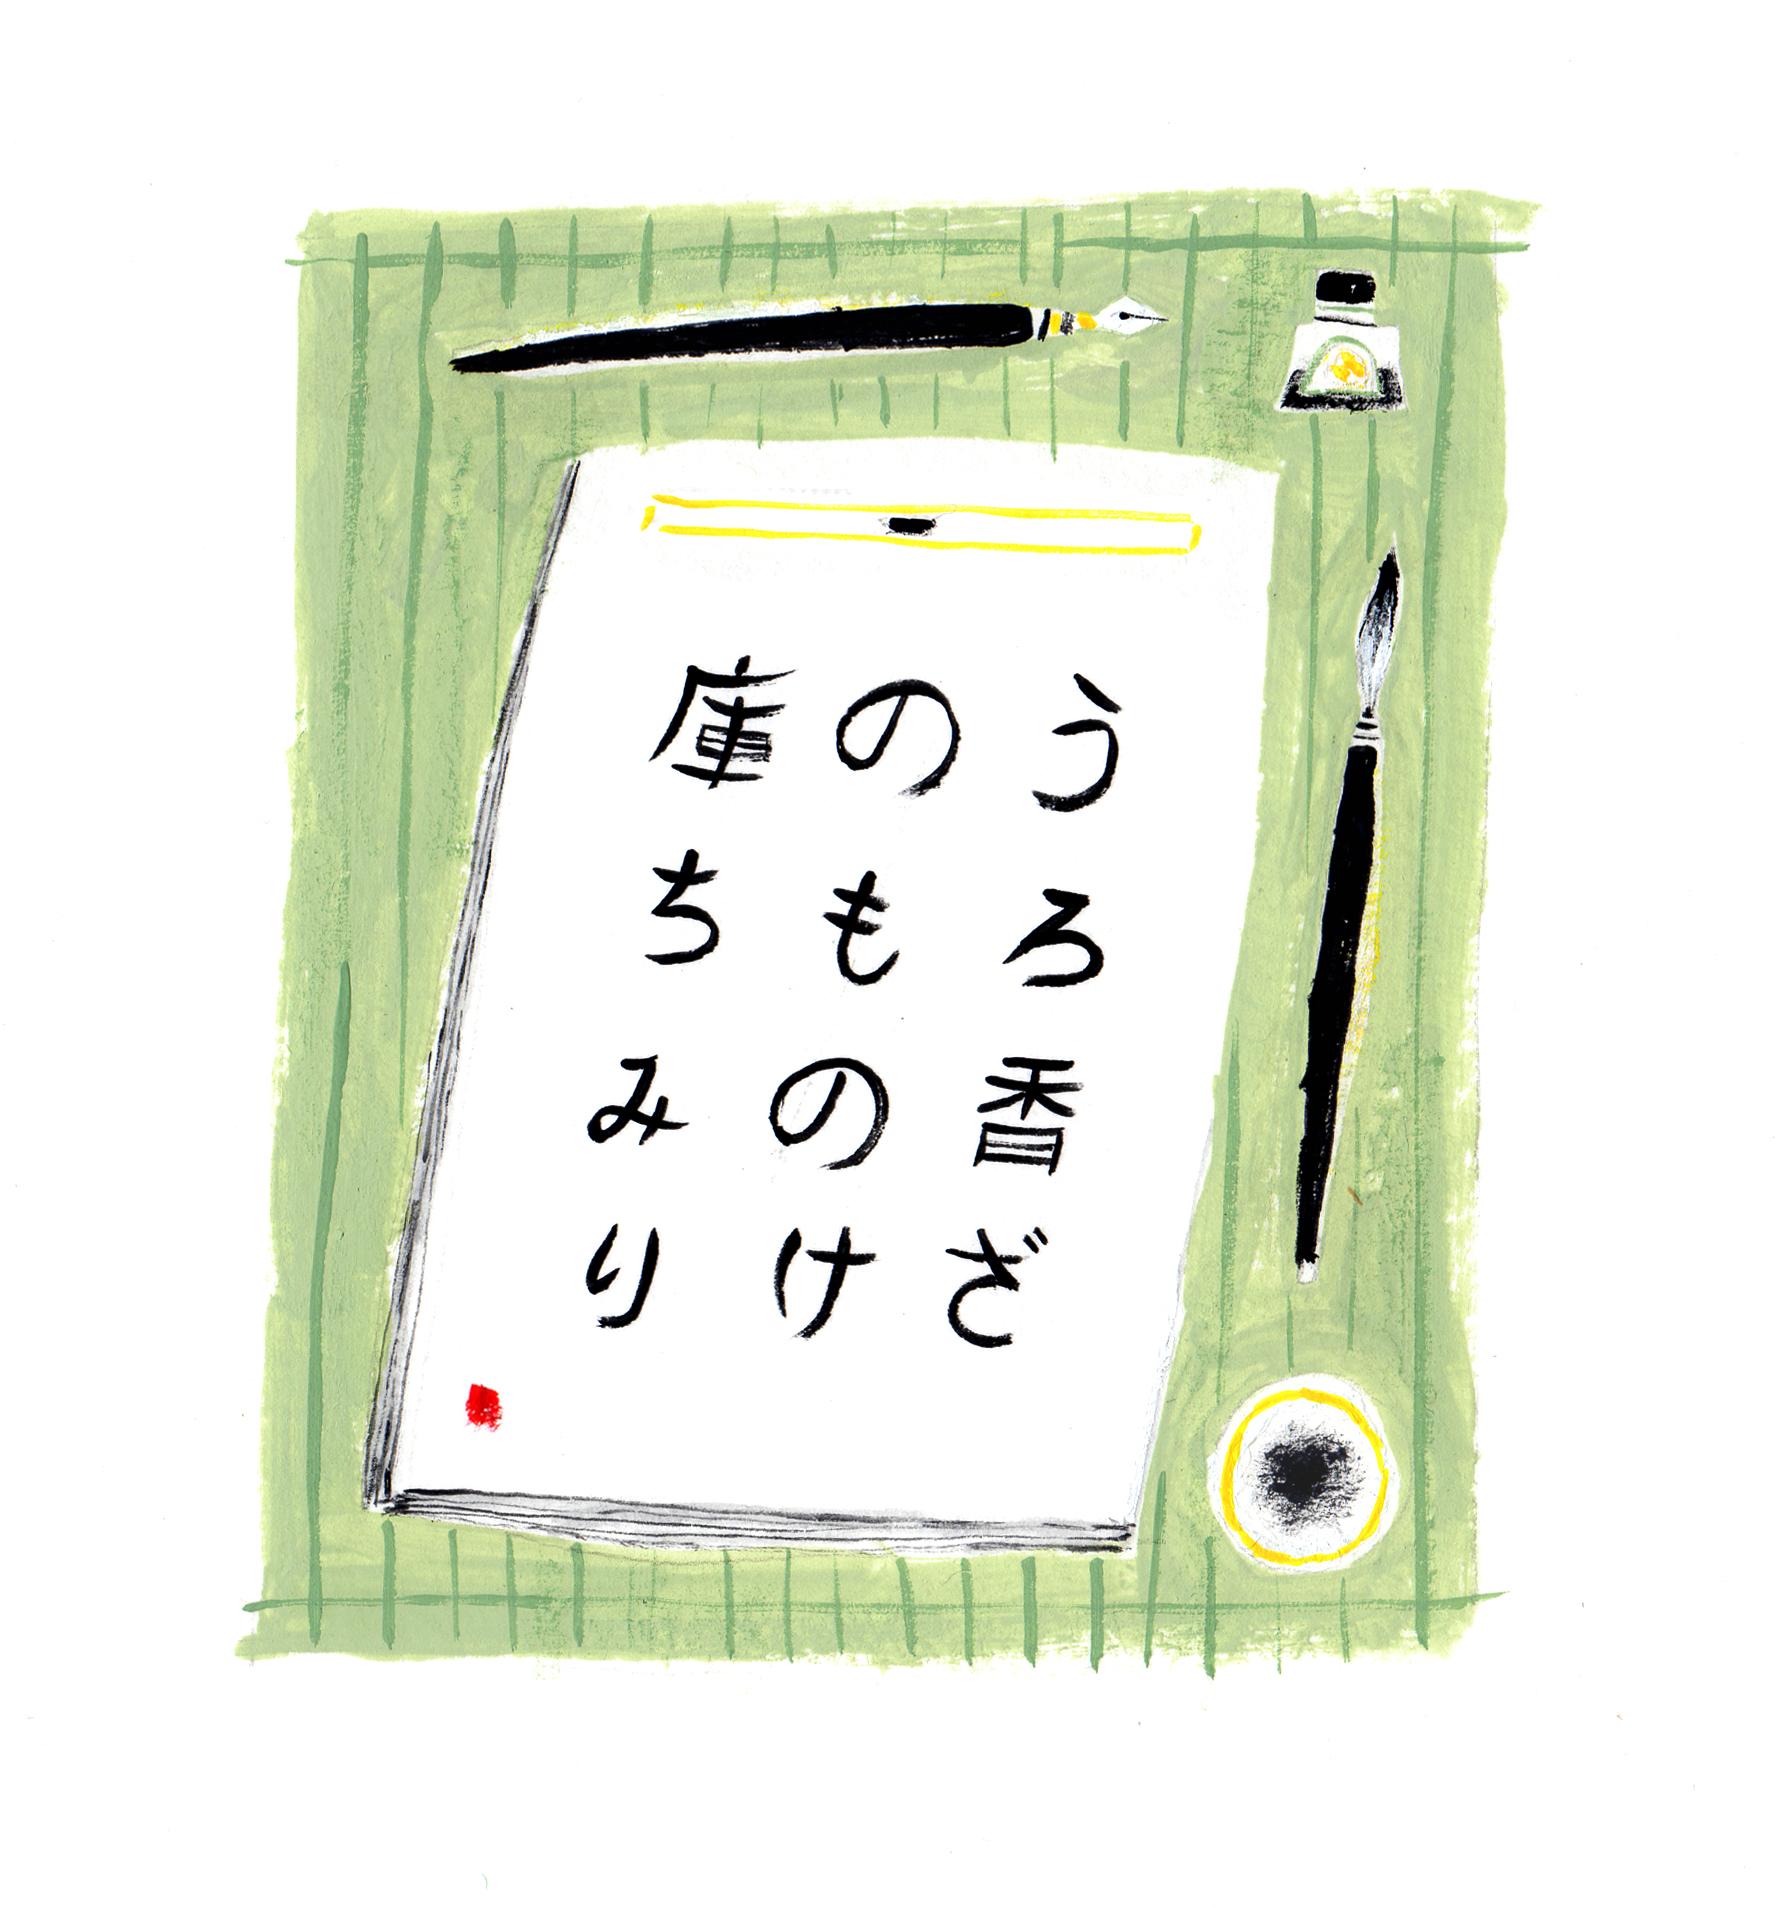 Notebook Final (1).jpg